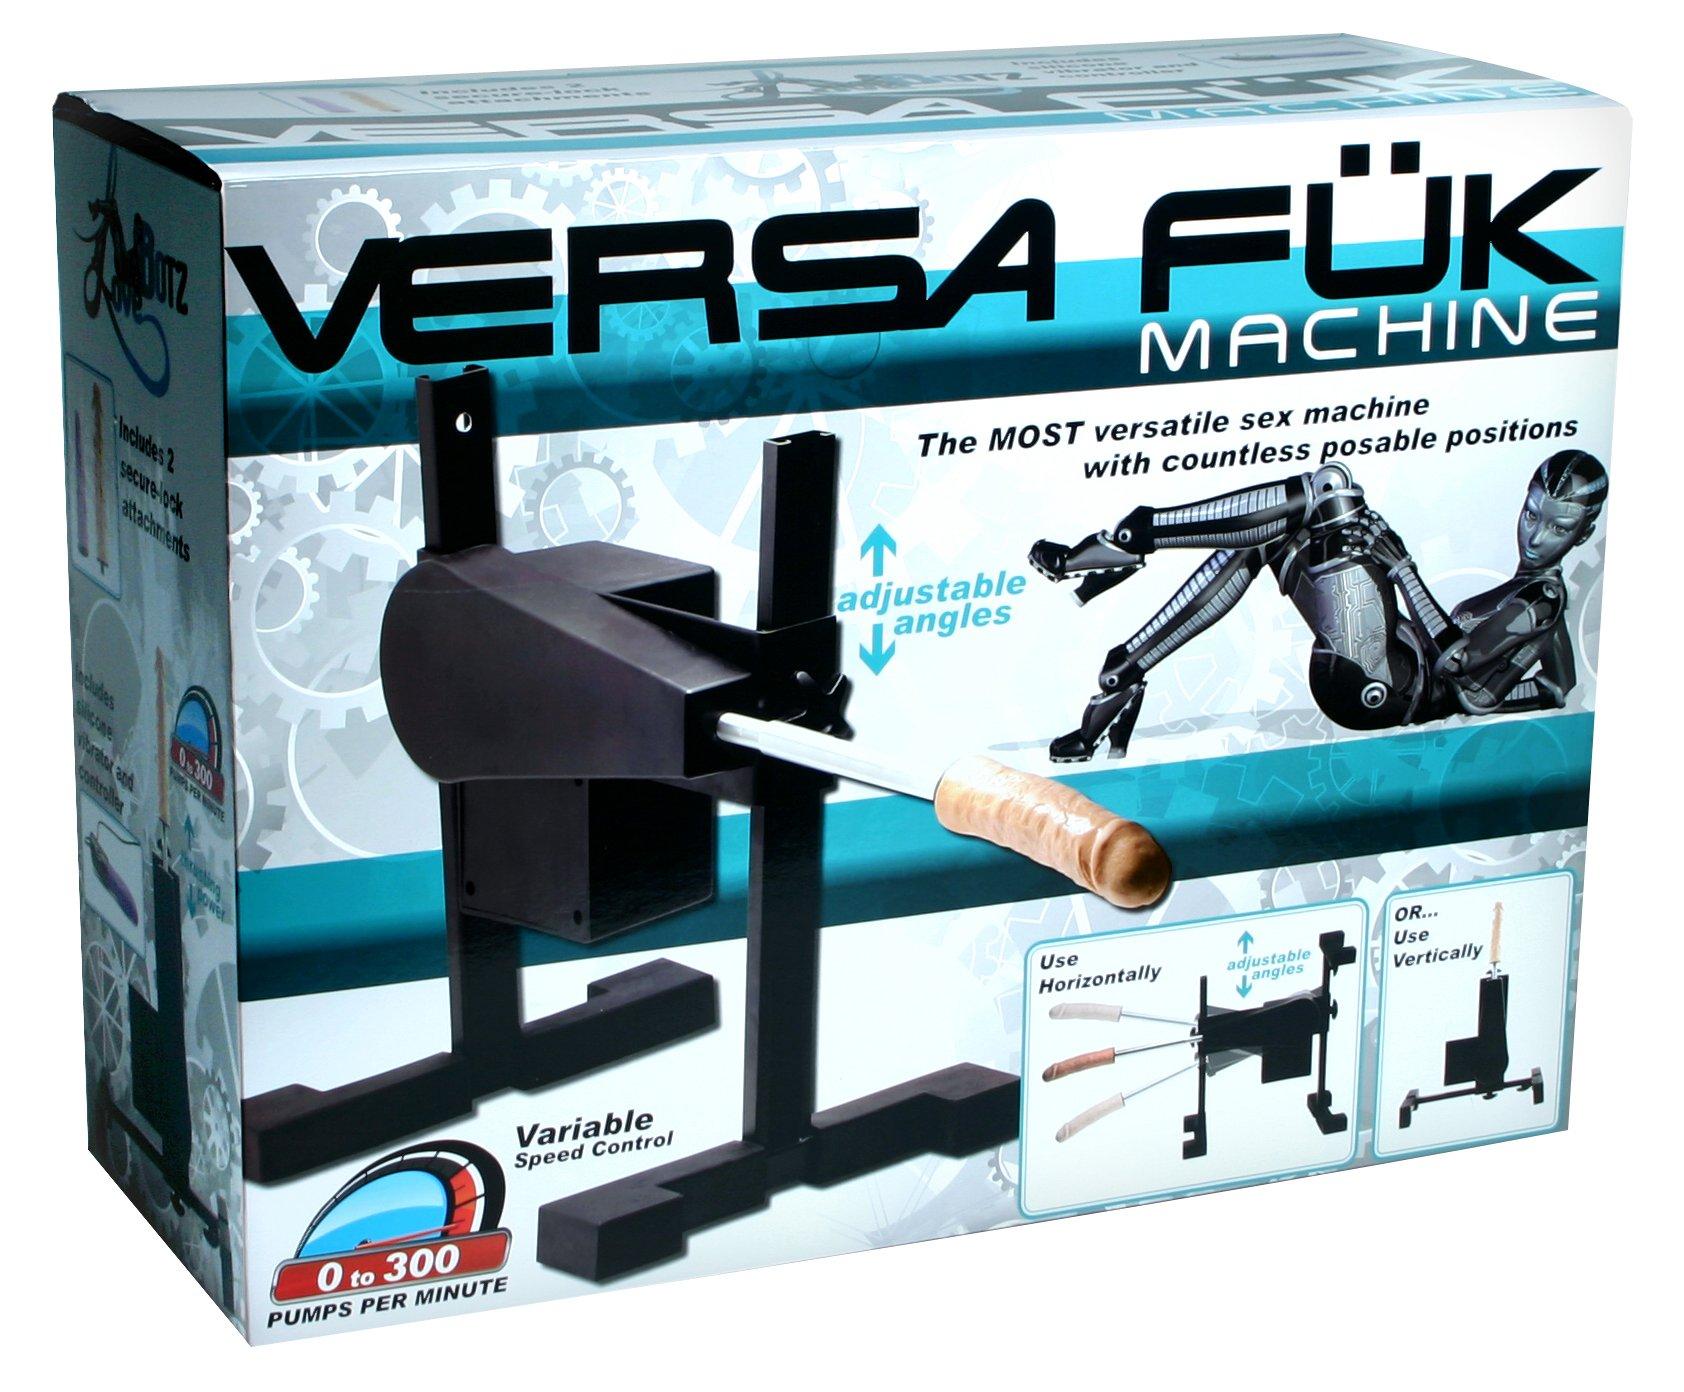 Versa Sex Machine by LoveBotz